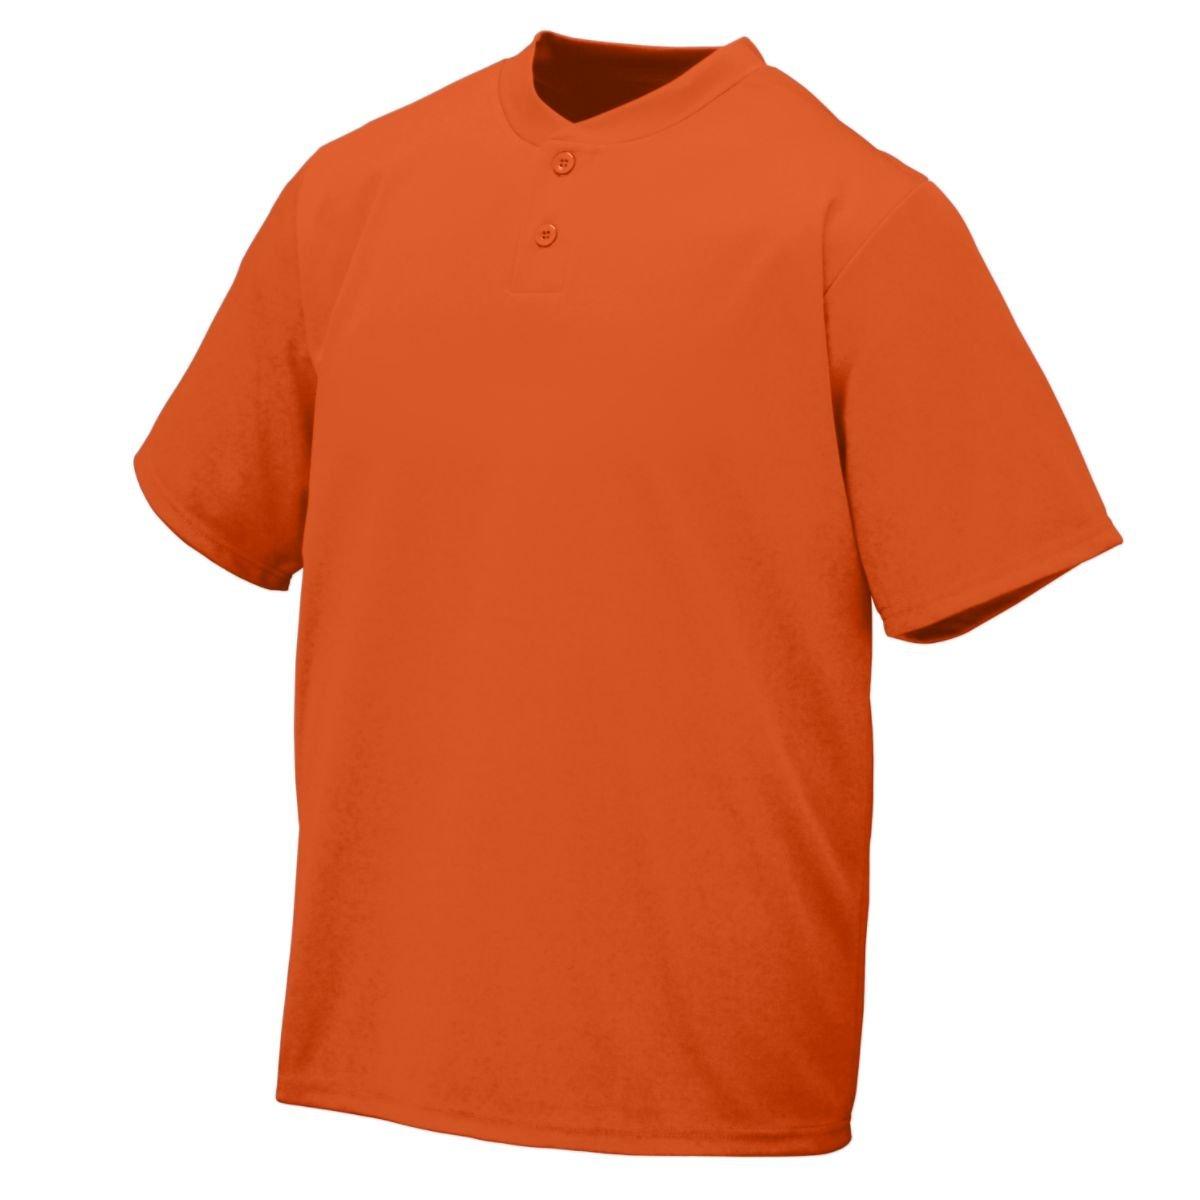 Augusta Sportswear Wicking Two-Button Jersey, Orange, XXX-Large by Augusta Sportswear